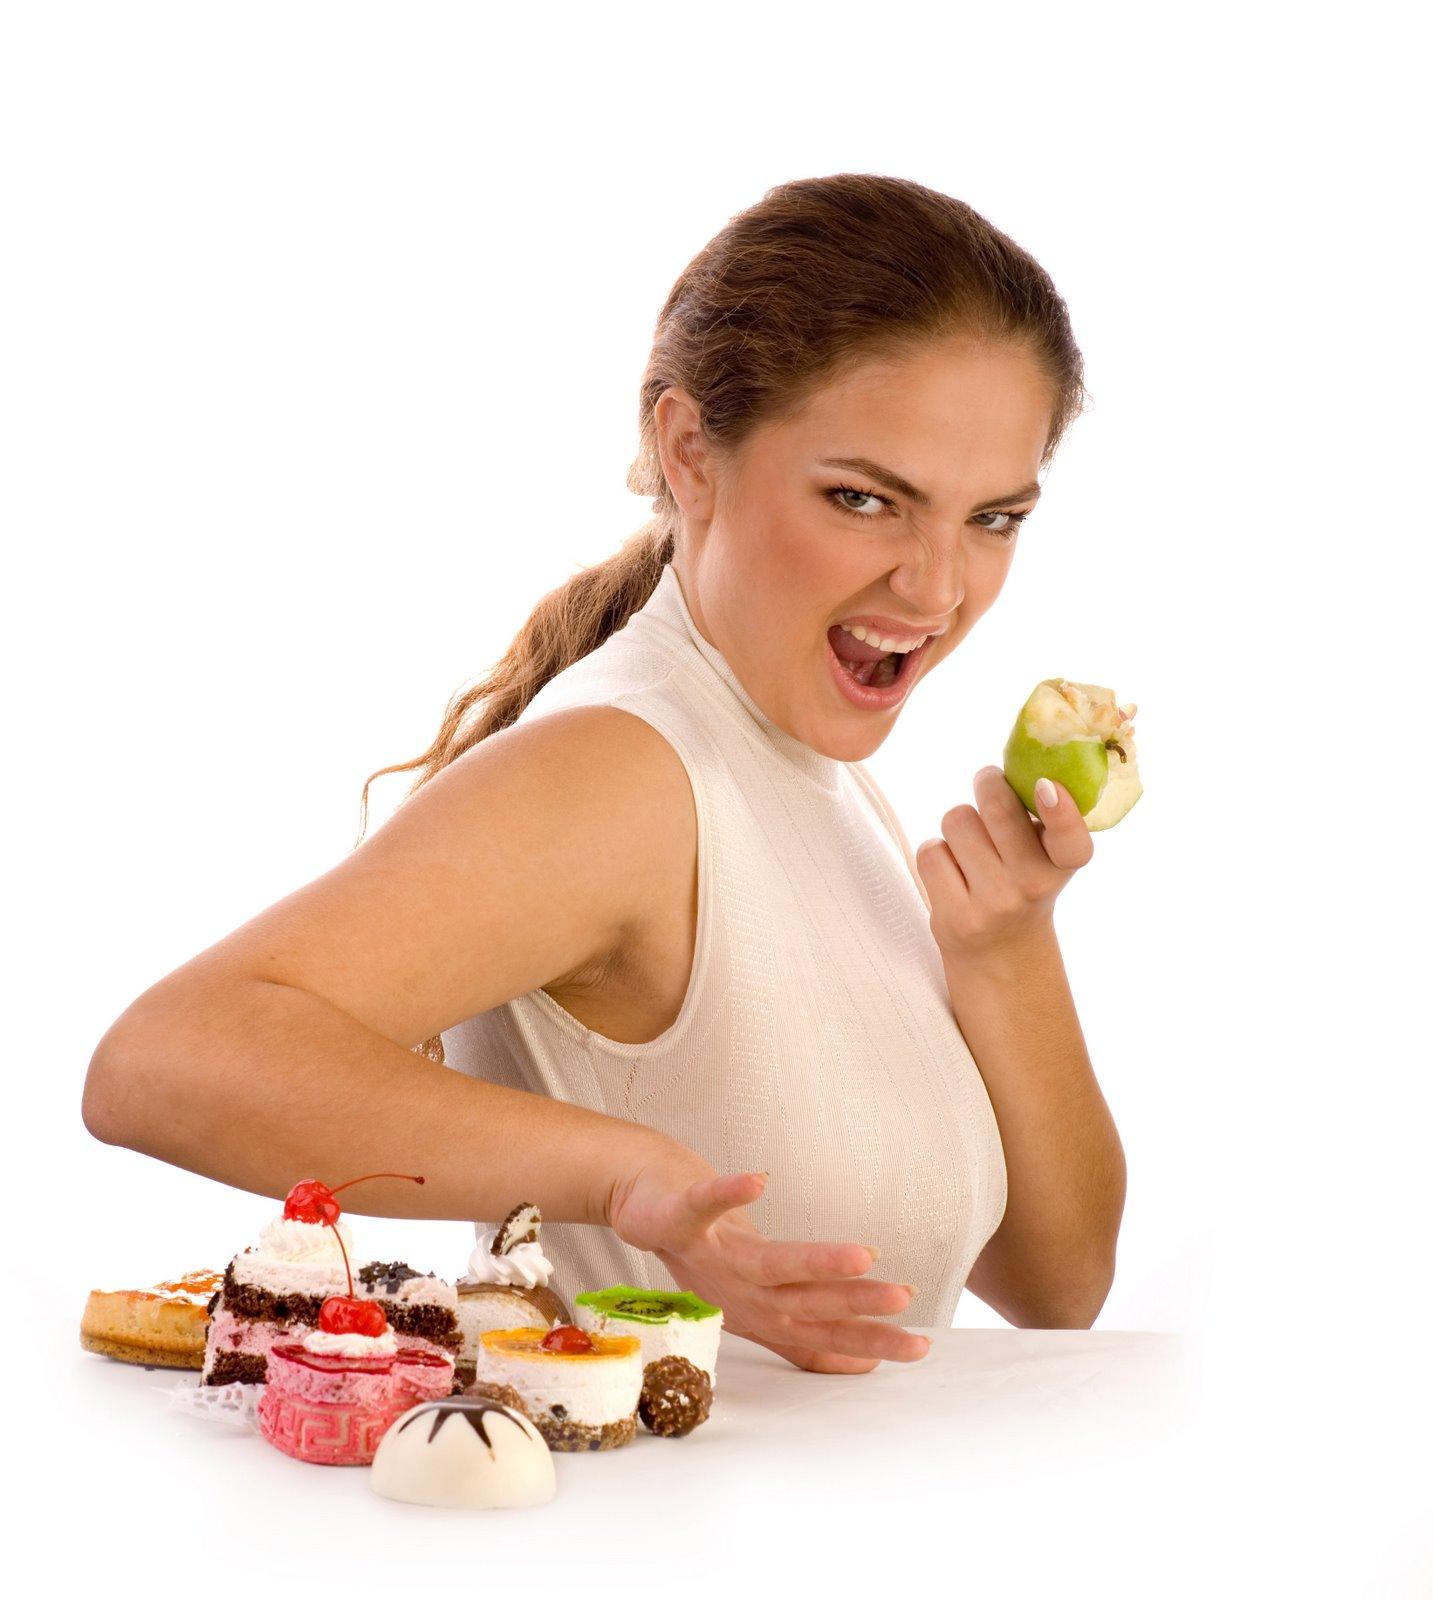 Acıkma hissinin kan şekeriyle ilgili olup olmadığı nasıl anlaşılır